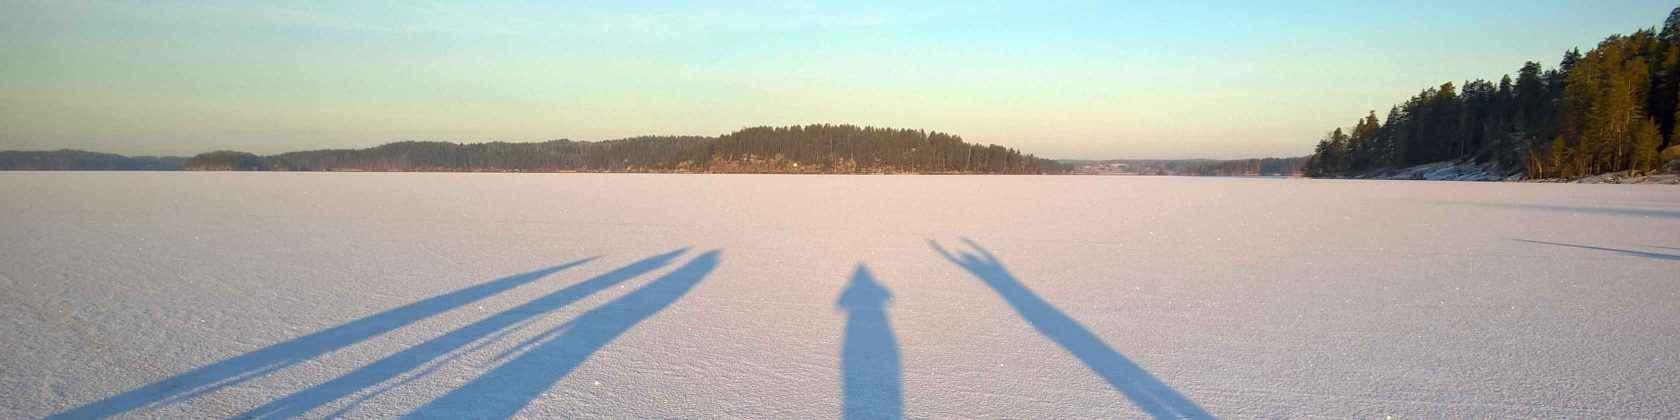 Viisi pitkää ihmisen varjoa valkoisella lumipeitteisellä jäällä